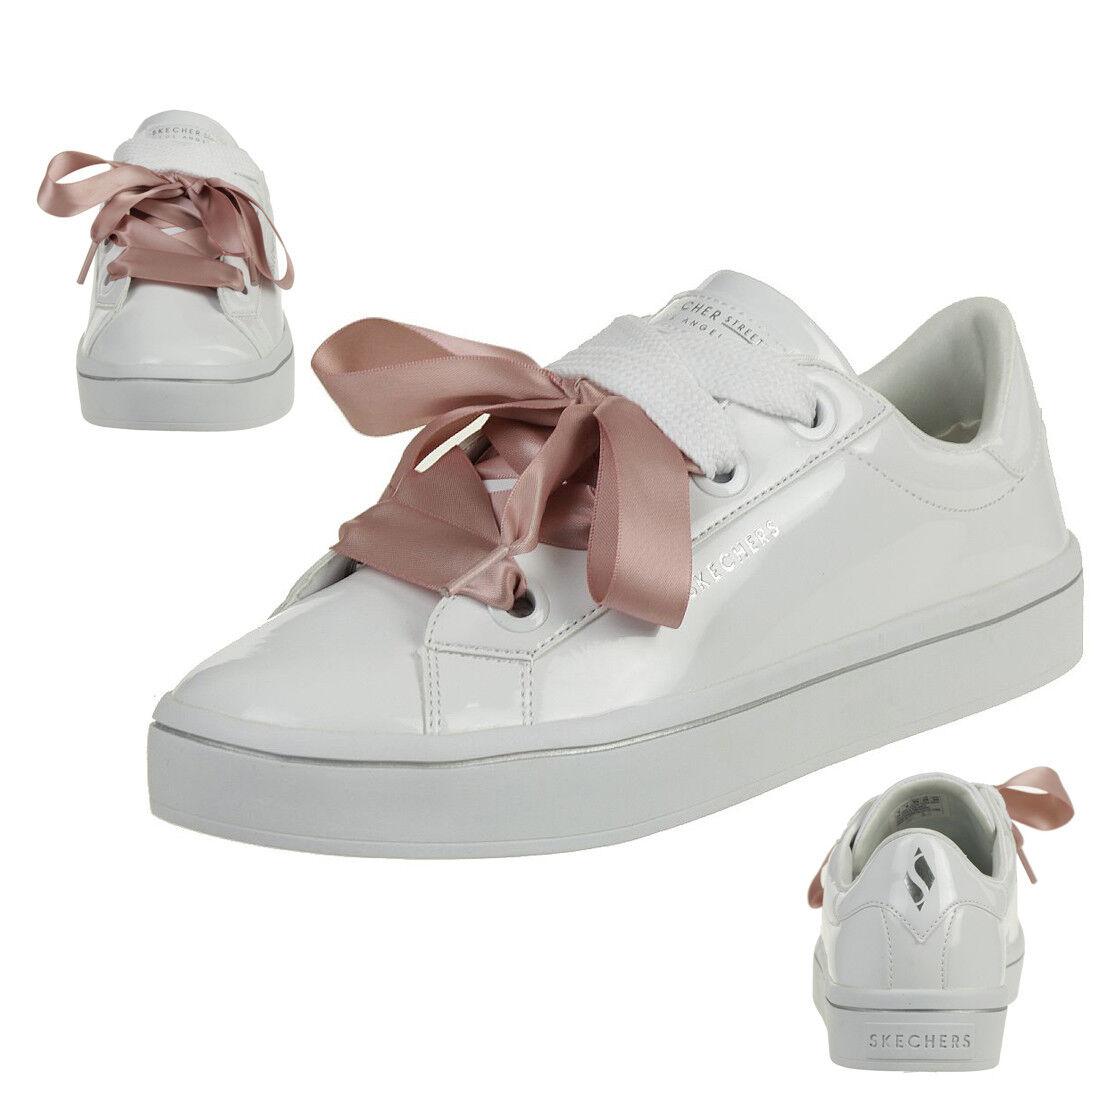 Skechers Hi-Hird Mancha Zapatos Zapatillas Deportivas de Mujer blancoo Charol Charol Charol 959  ventas en línea de venta